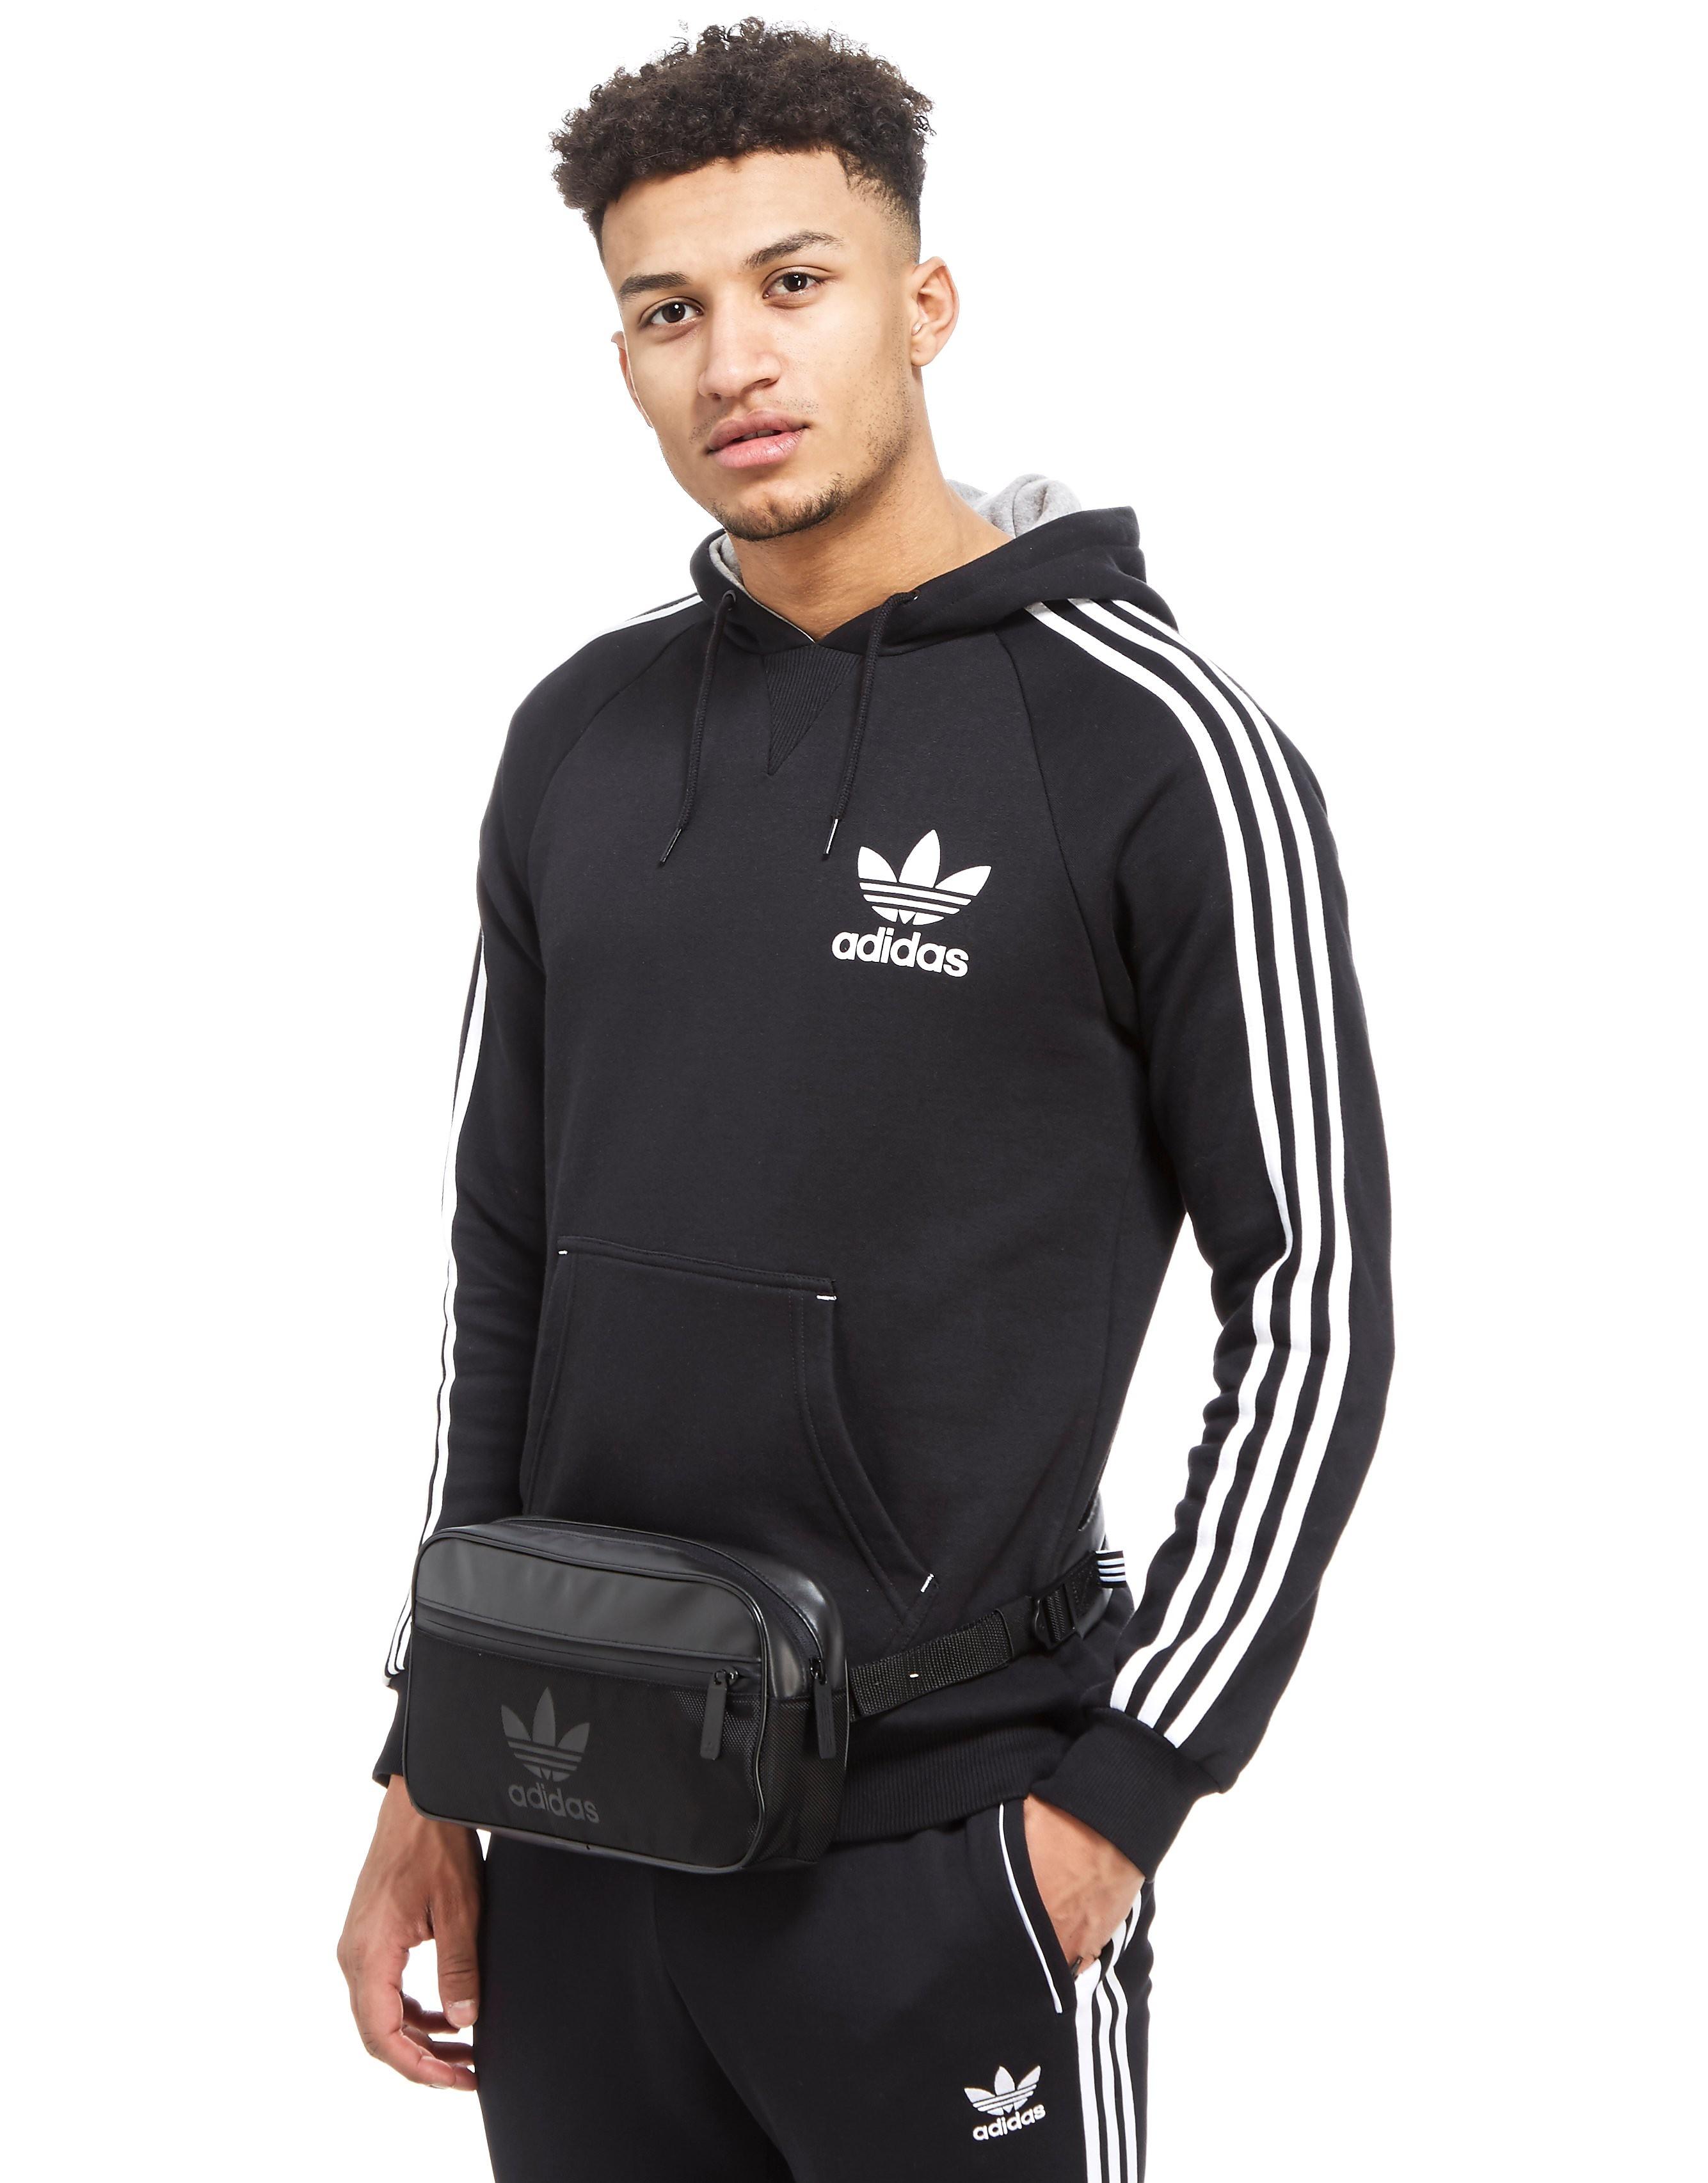 adidas Originals Crossbody Bag